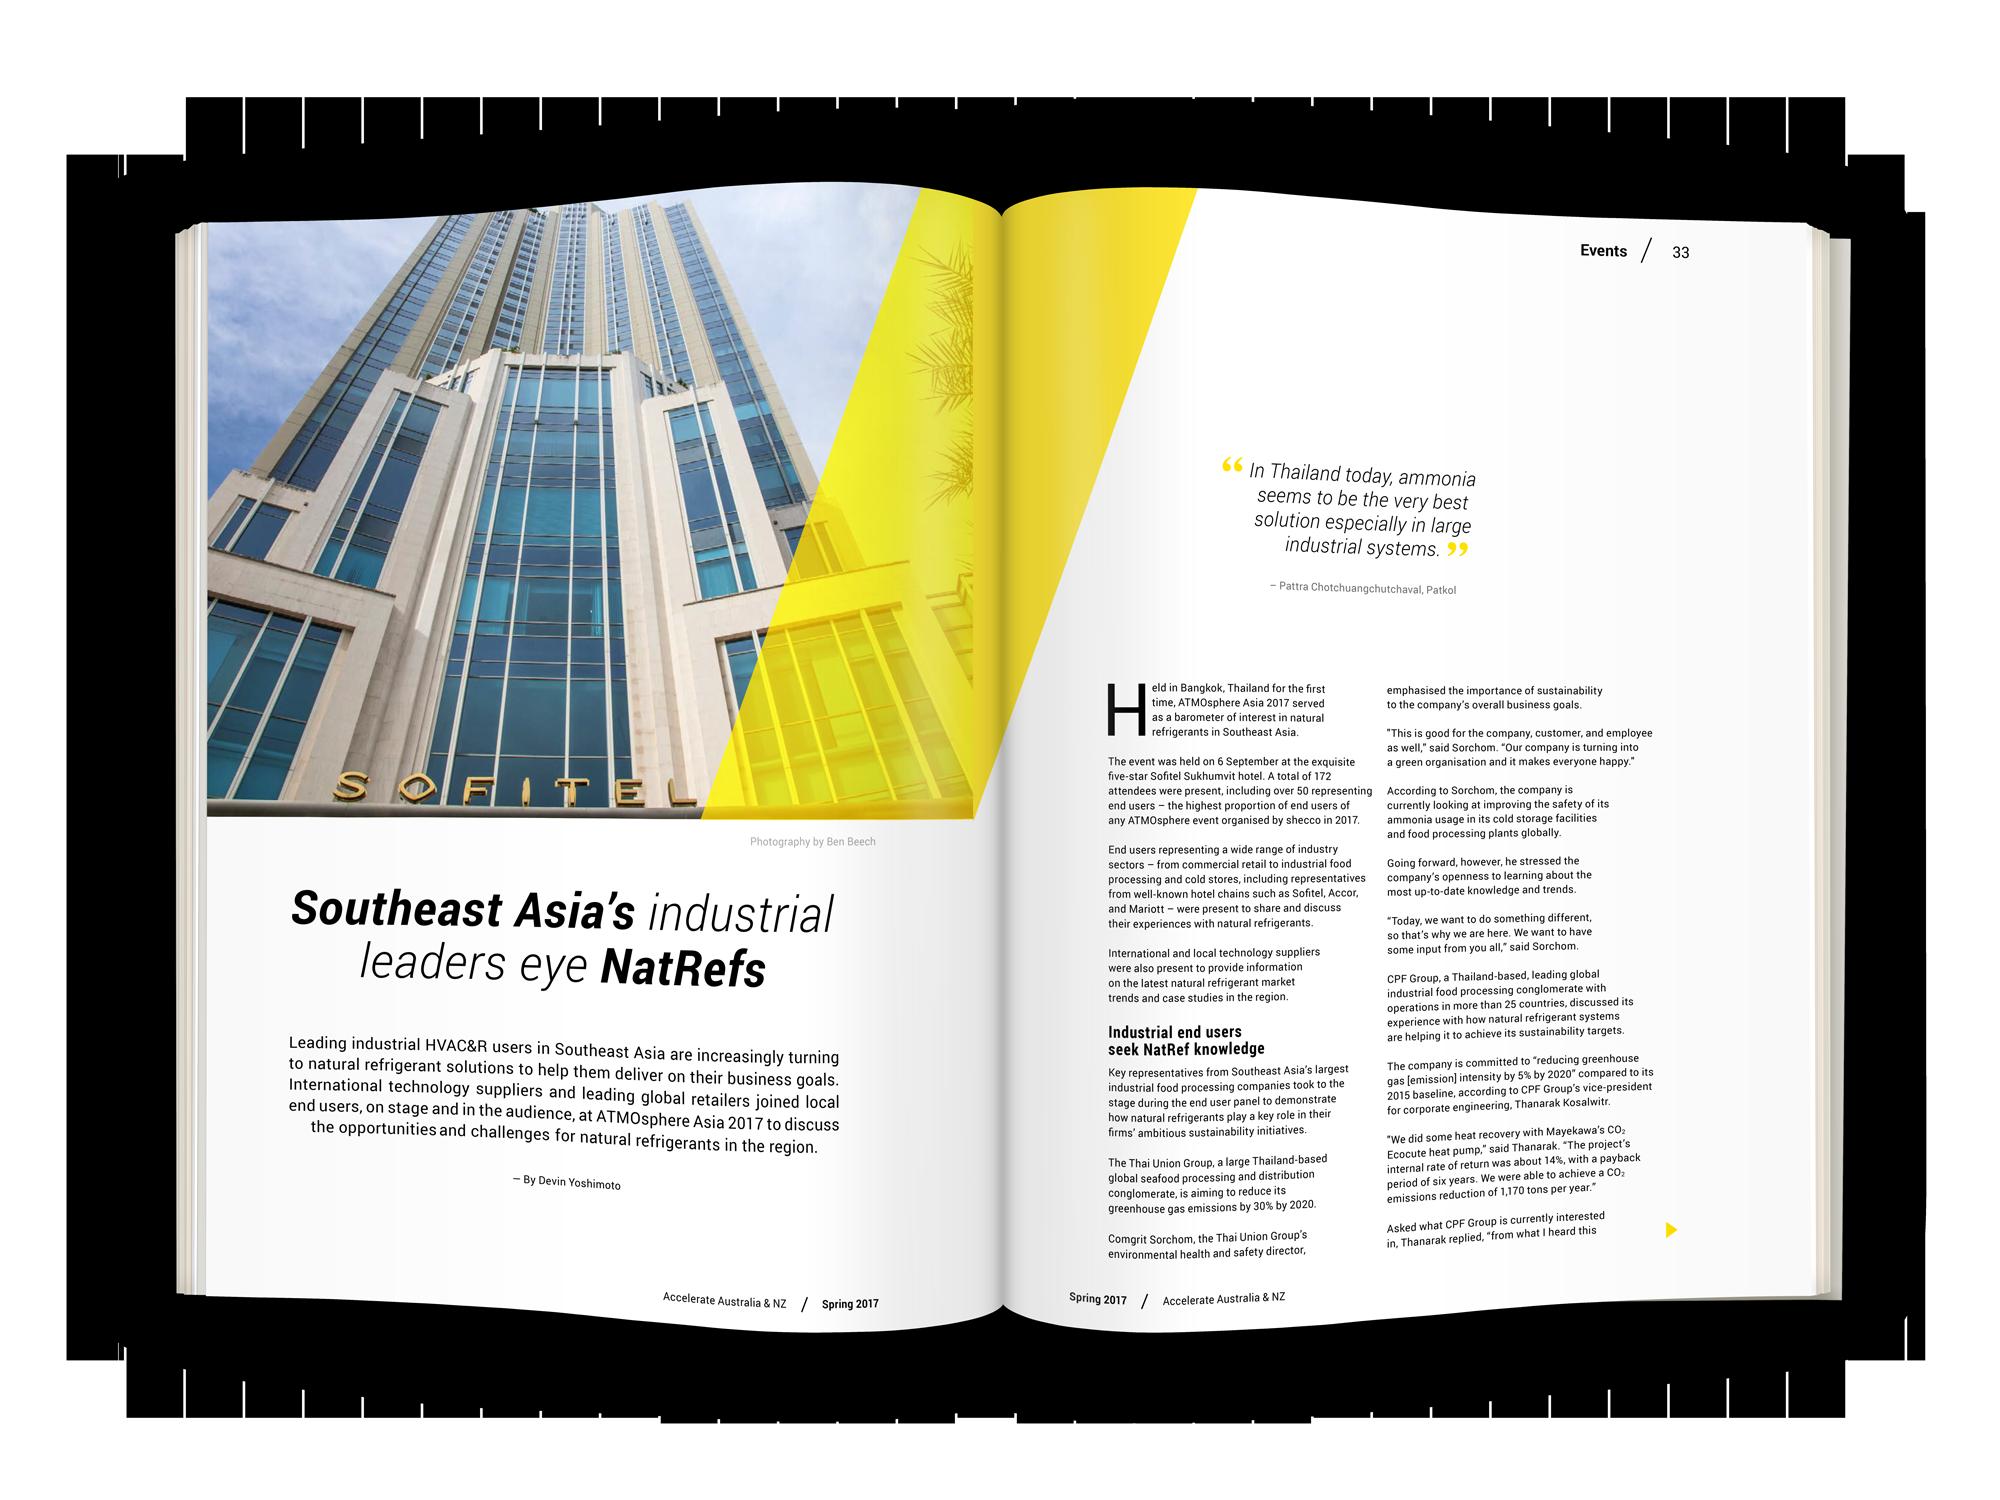 Southeast Asia's industrial leaders eye NatRefs